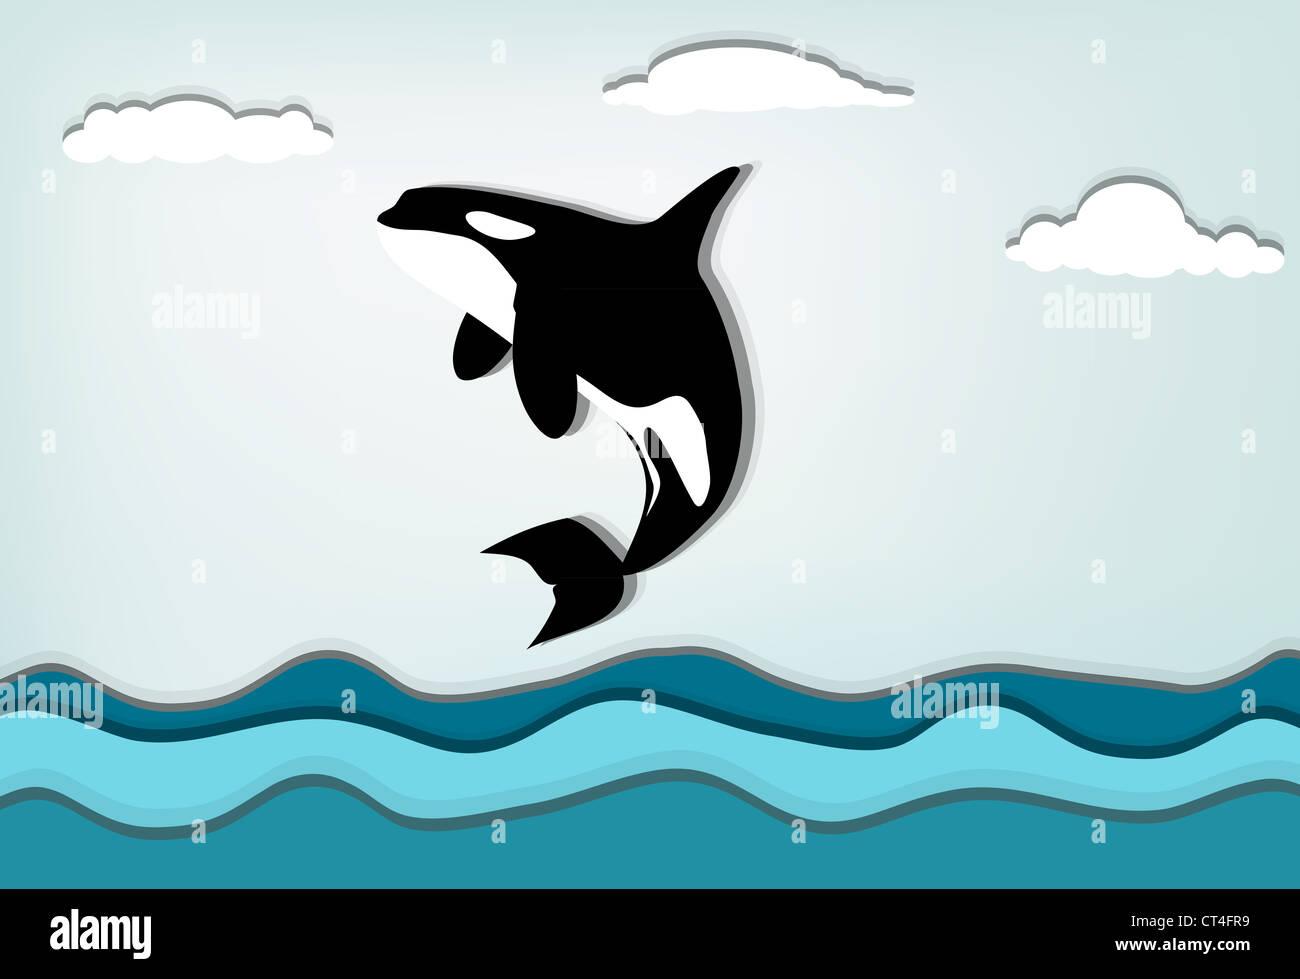 White Whale Illustration Stockfotos & White Whale Illustration ...